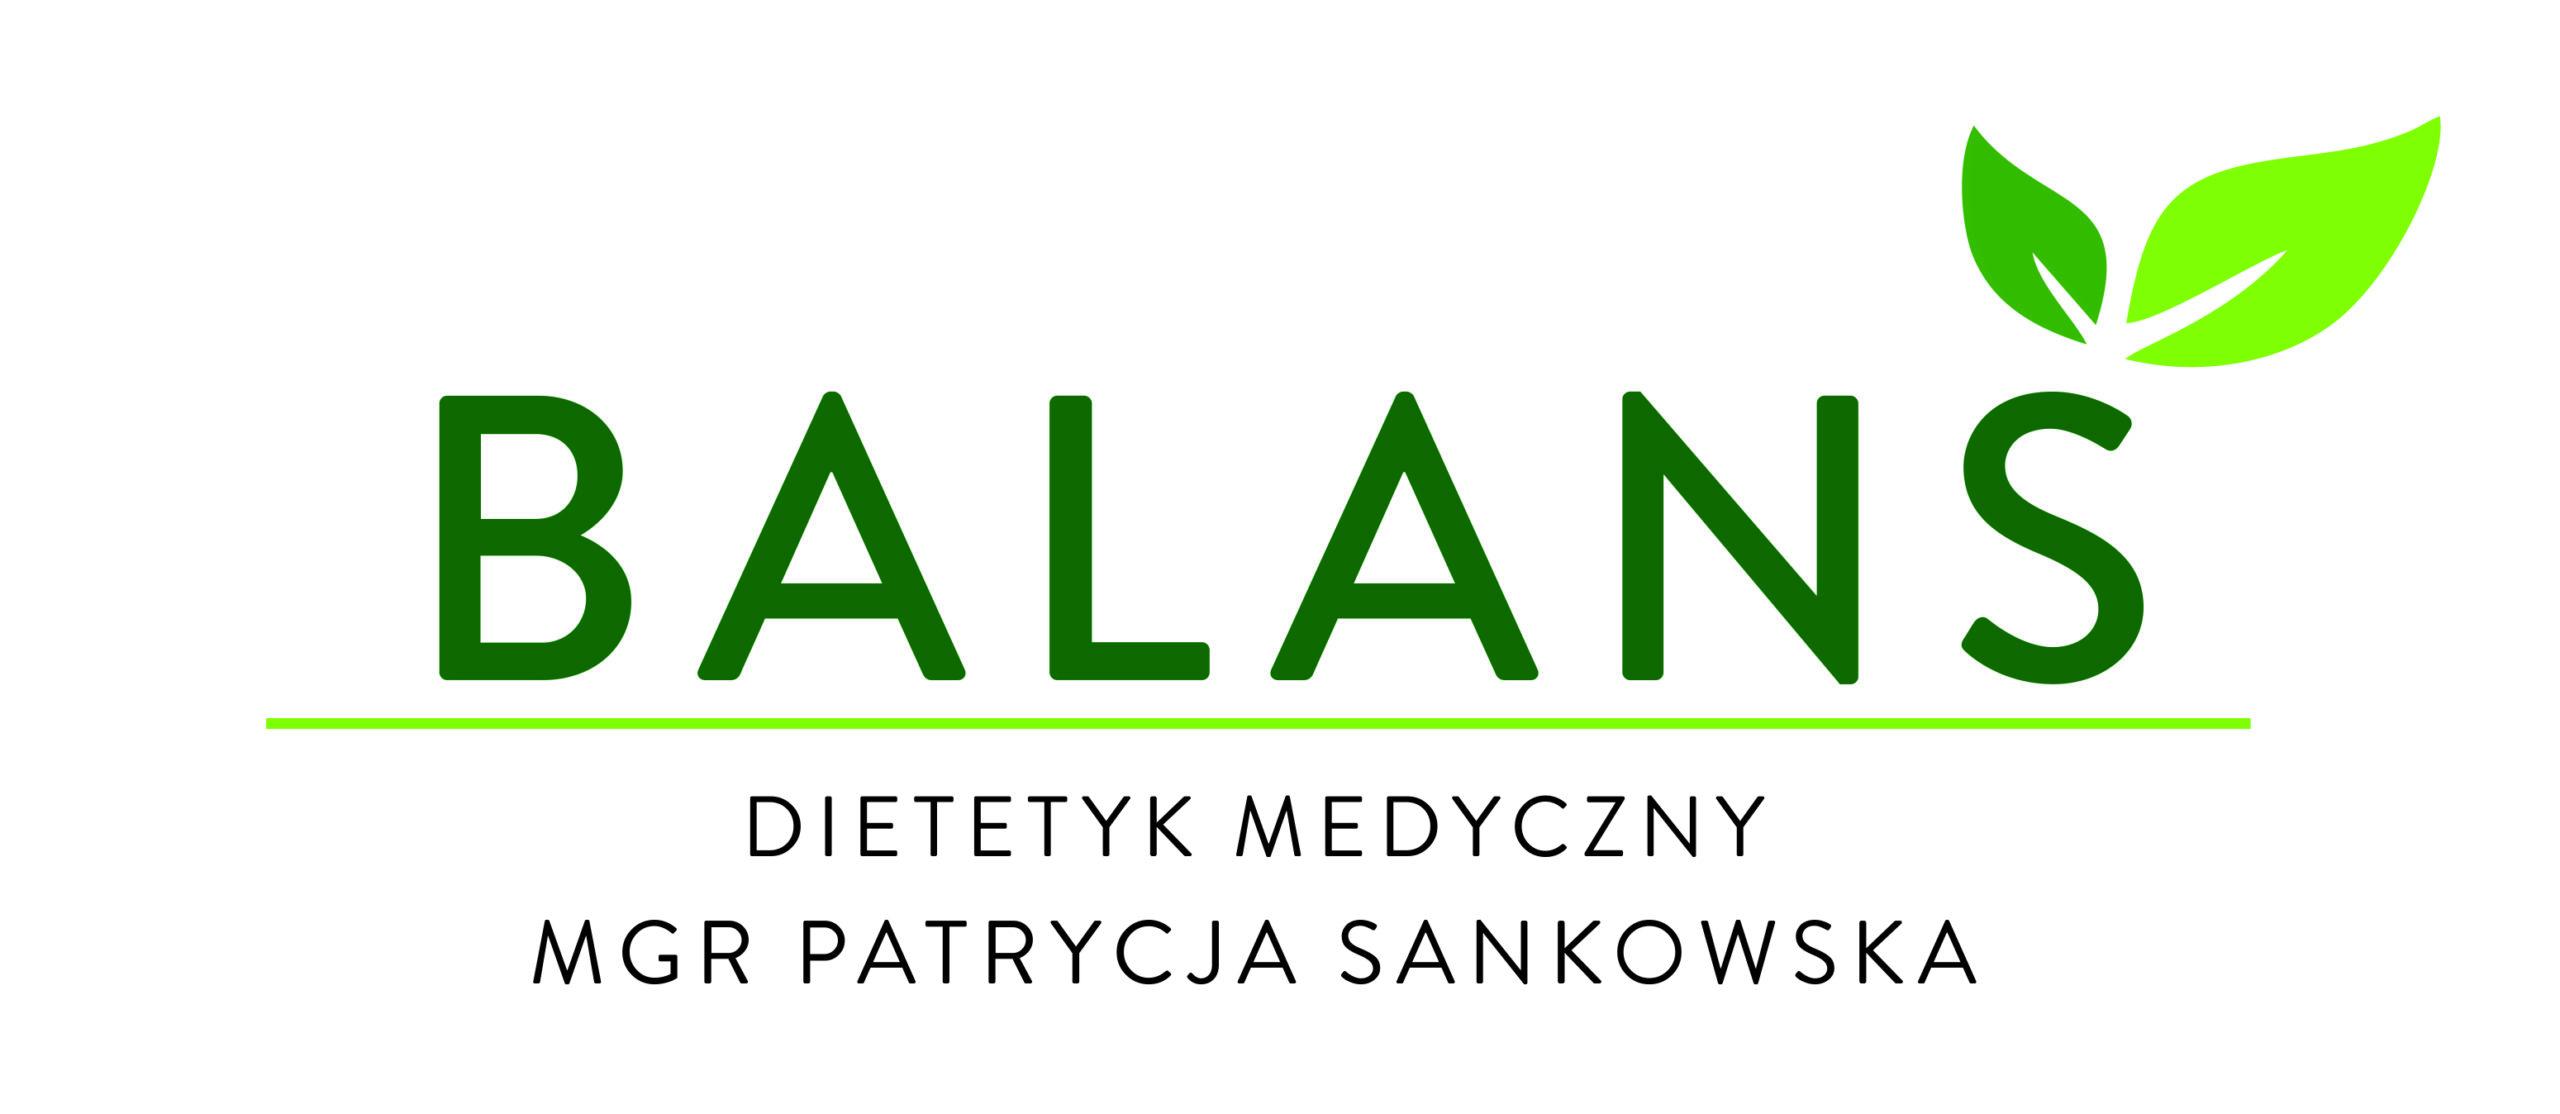 Dietetyk medyczny mgr Patrycja Sankowska